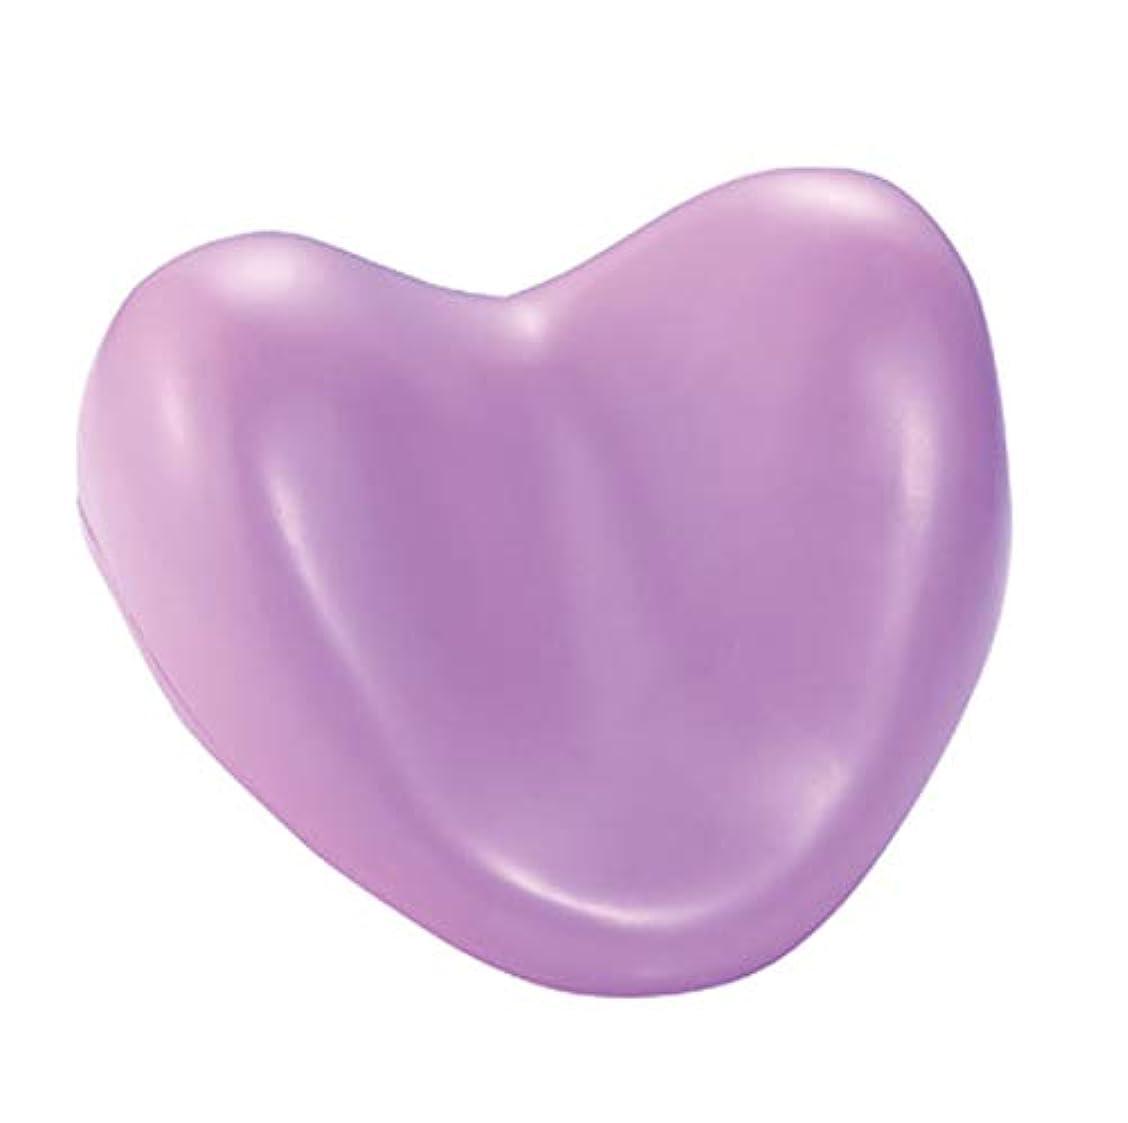 融合誤解を招くを除くサクションカップ付きウェルネスバスピローハート型PUフォームサポート枕温水浴槽とスパ浴槽,Purple